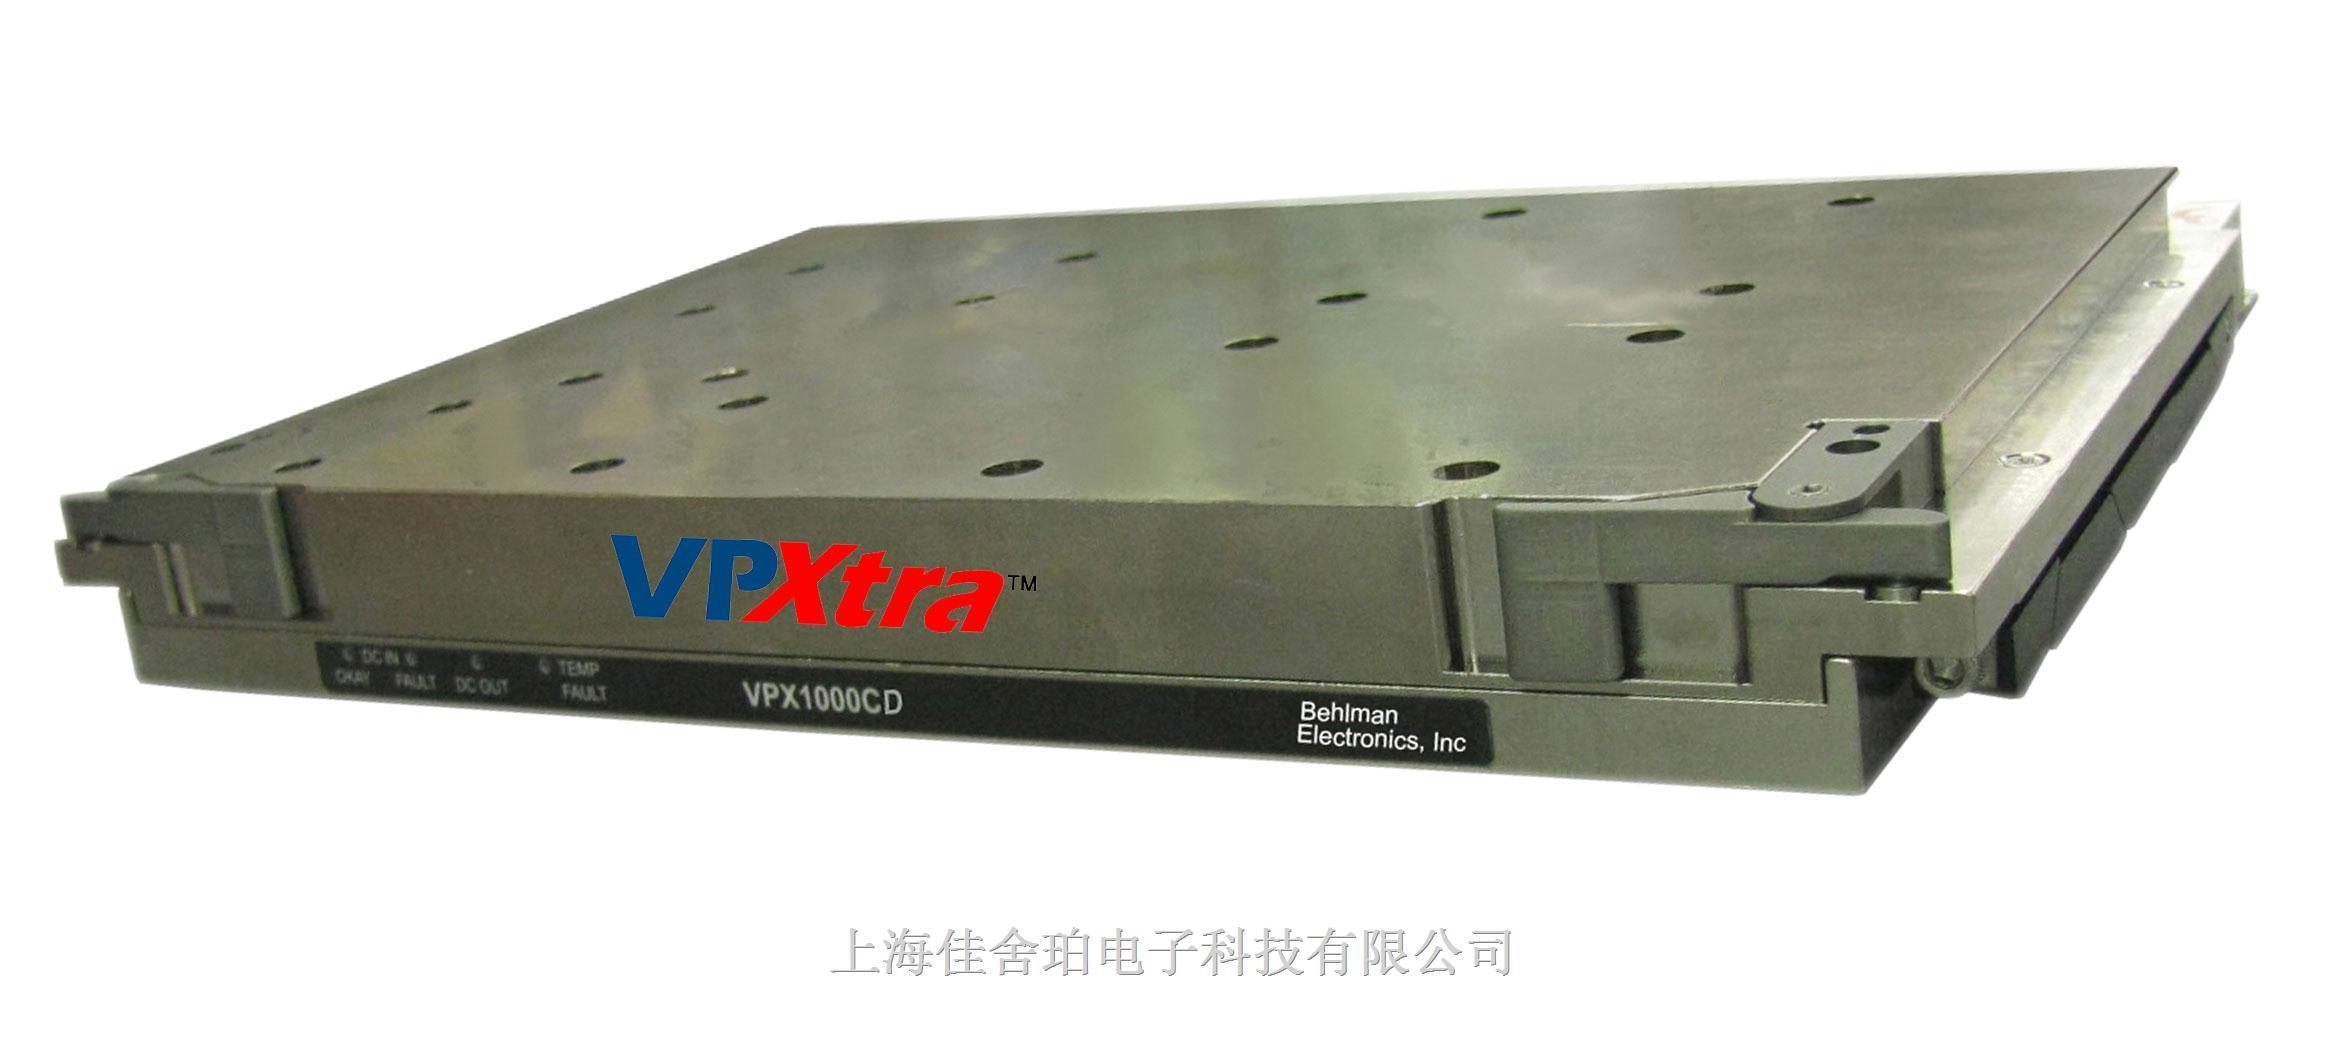 1500W,AC/DC進口軍品電源,6U寬溫導冷VPX 電源,兼容VITA 62 Open VPX,前端單路輸出